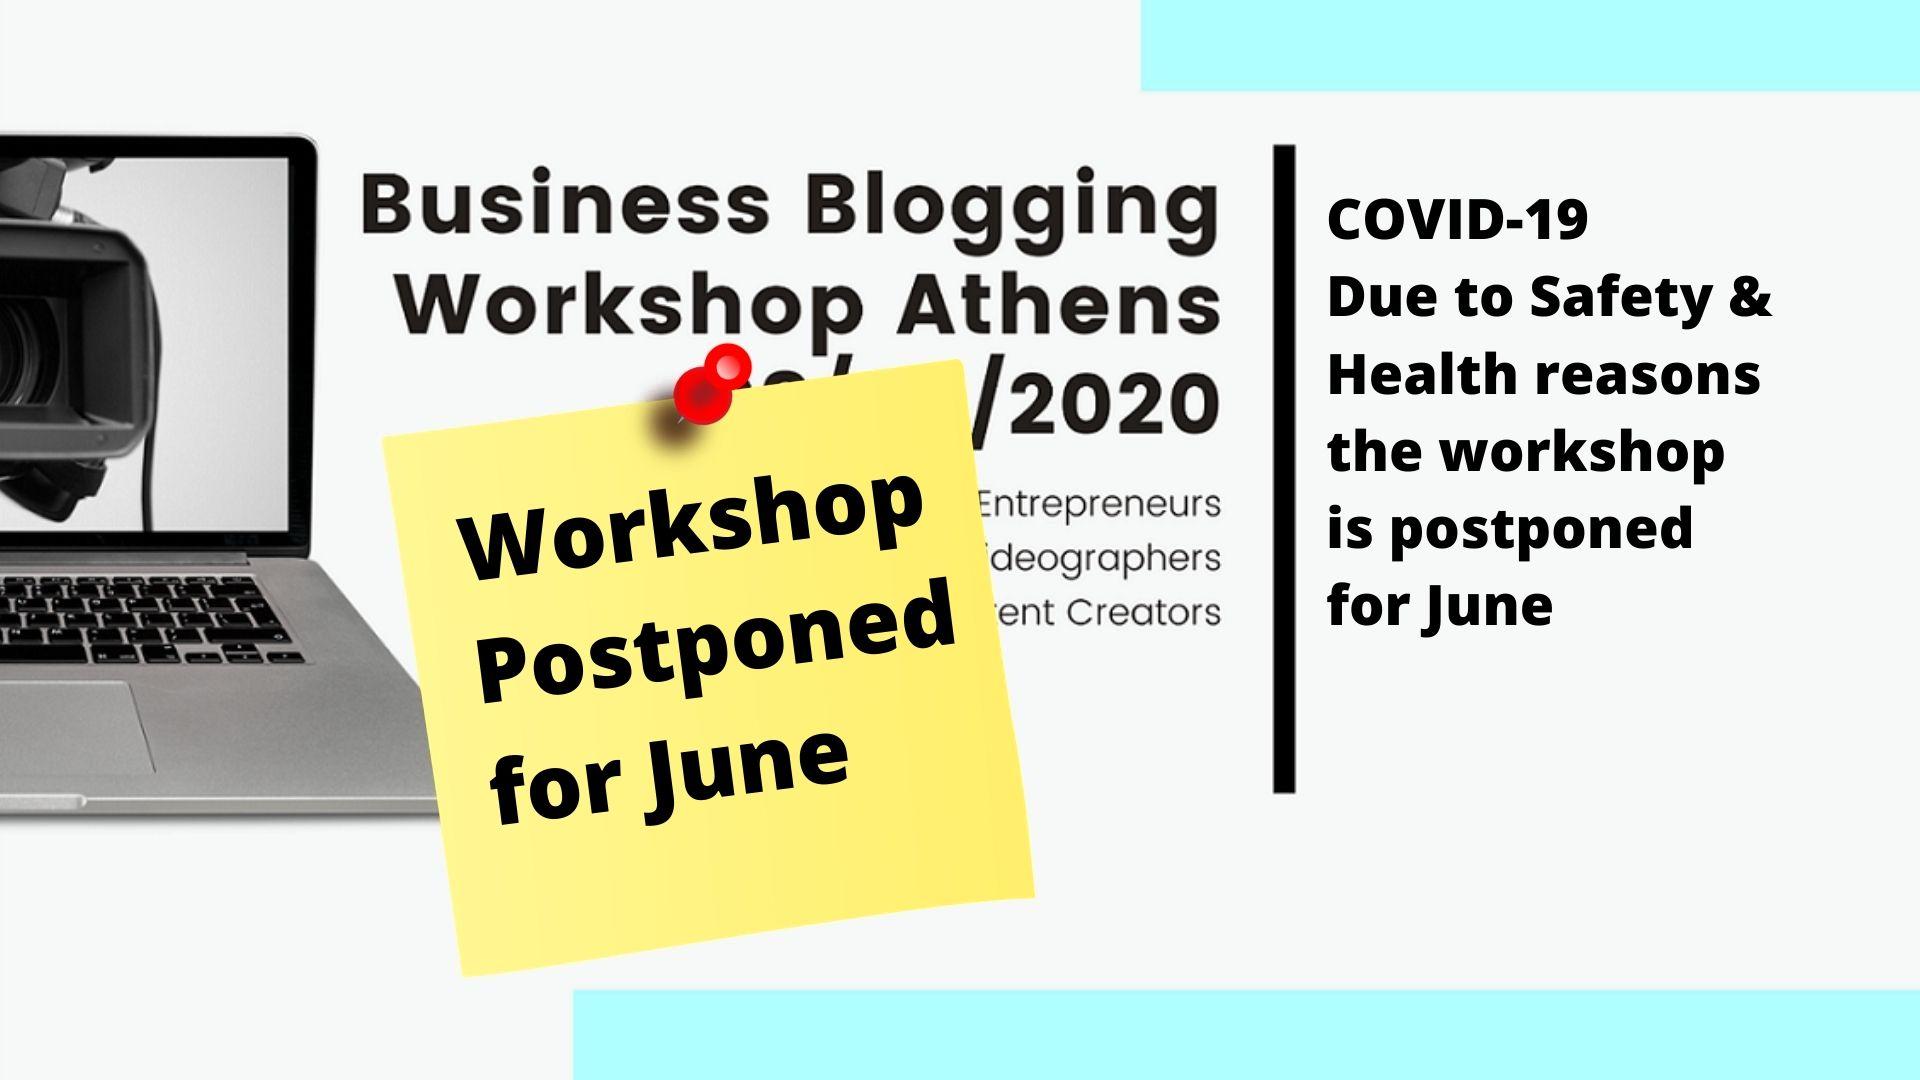 The workshop is postponed